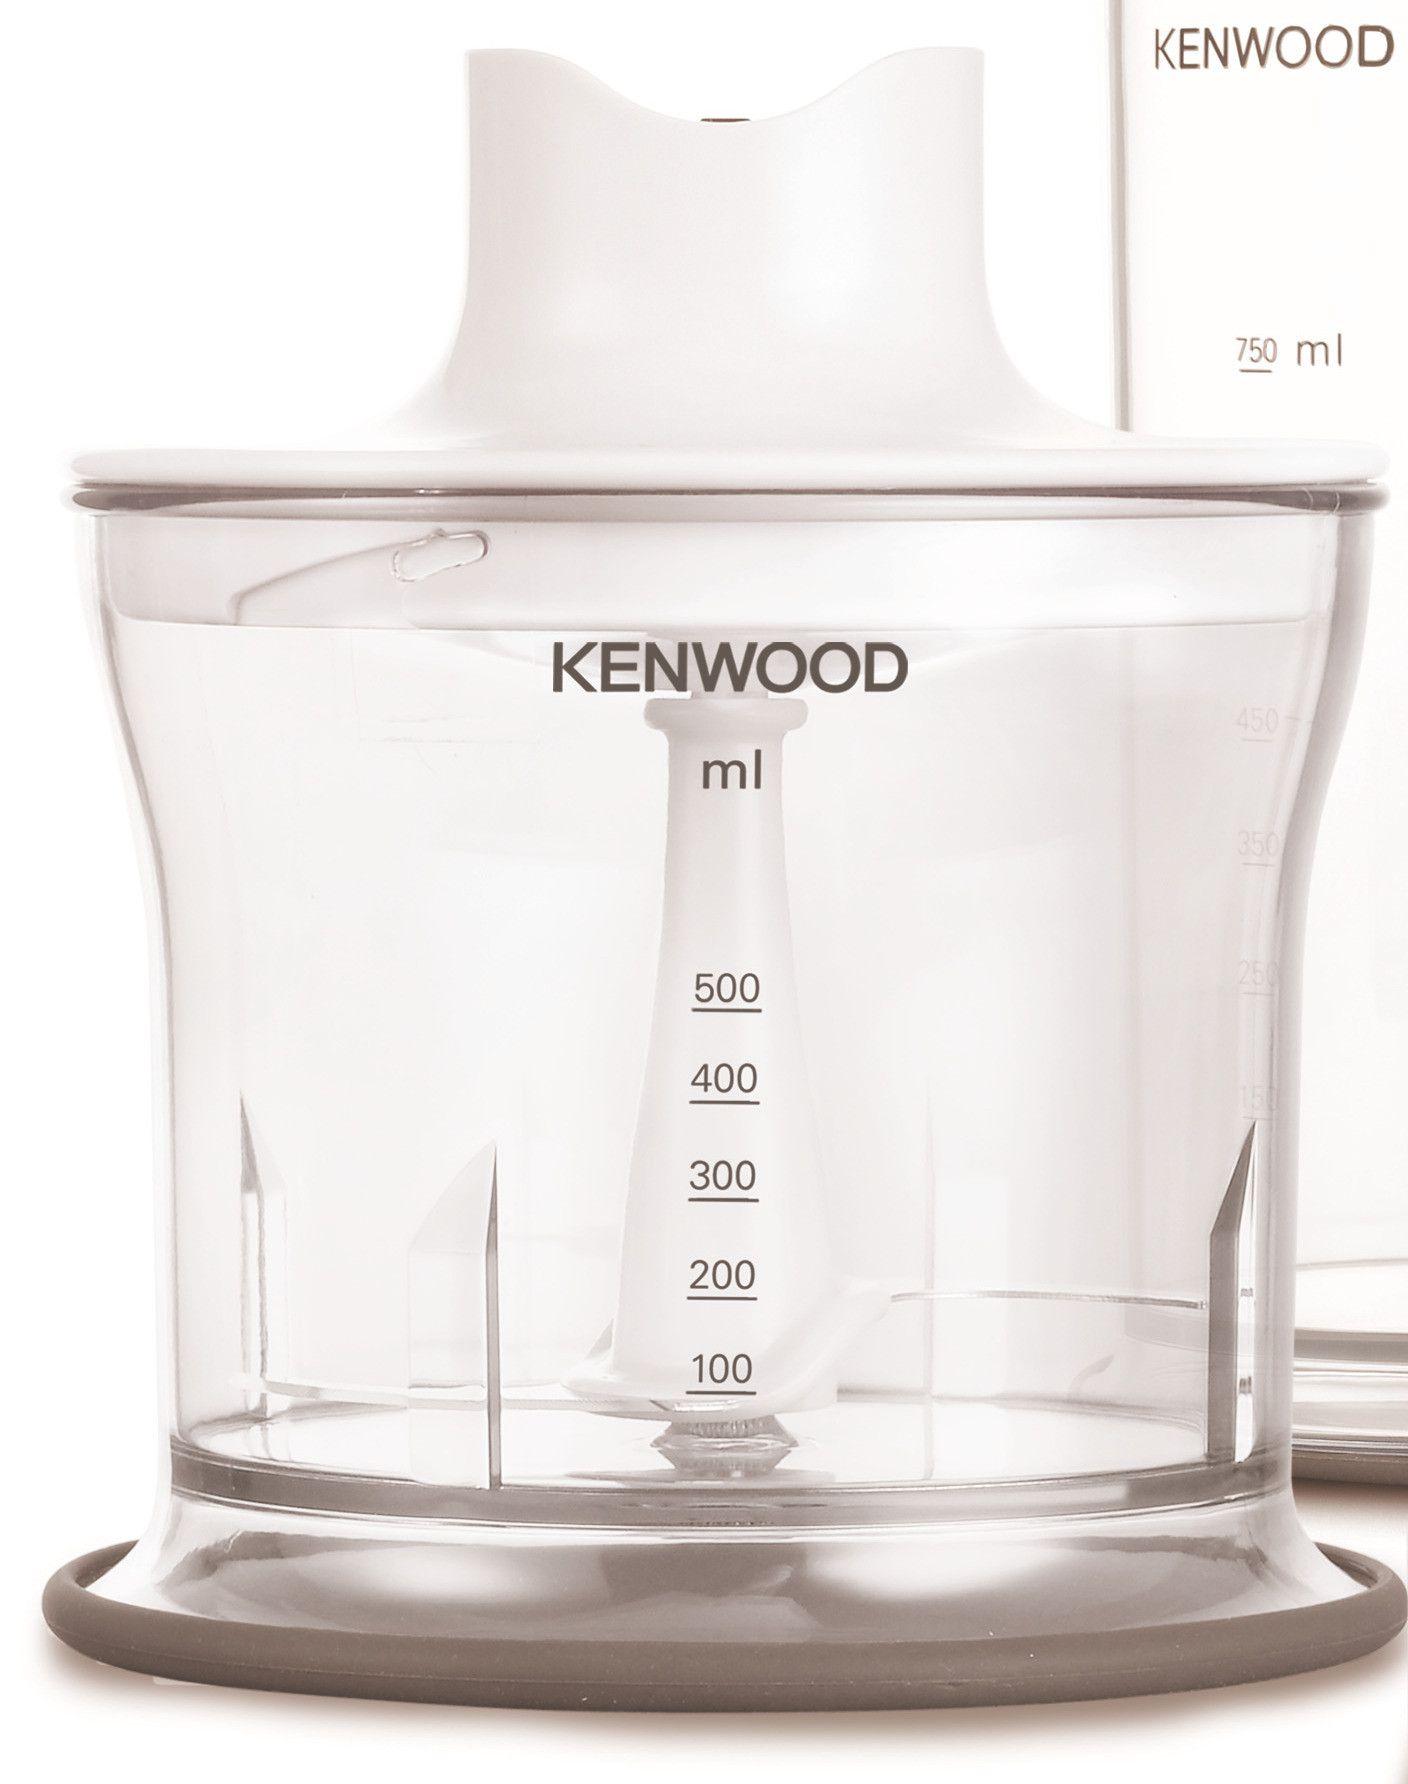 mixeur plongeant kenwood hb724 achat vente mixeur lectrique cdiscount. Black Bedroom Furniture Sets. Home Design Ideas